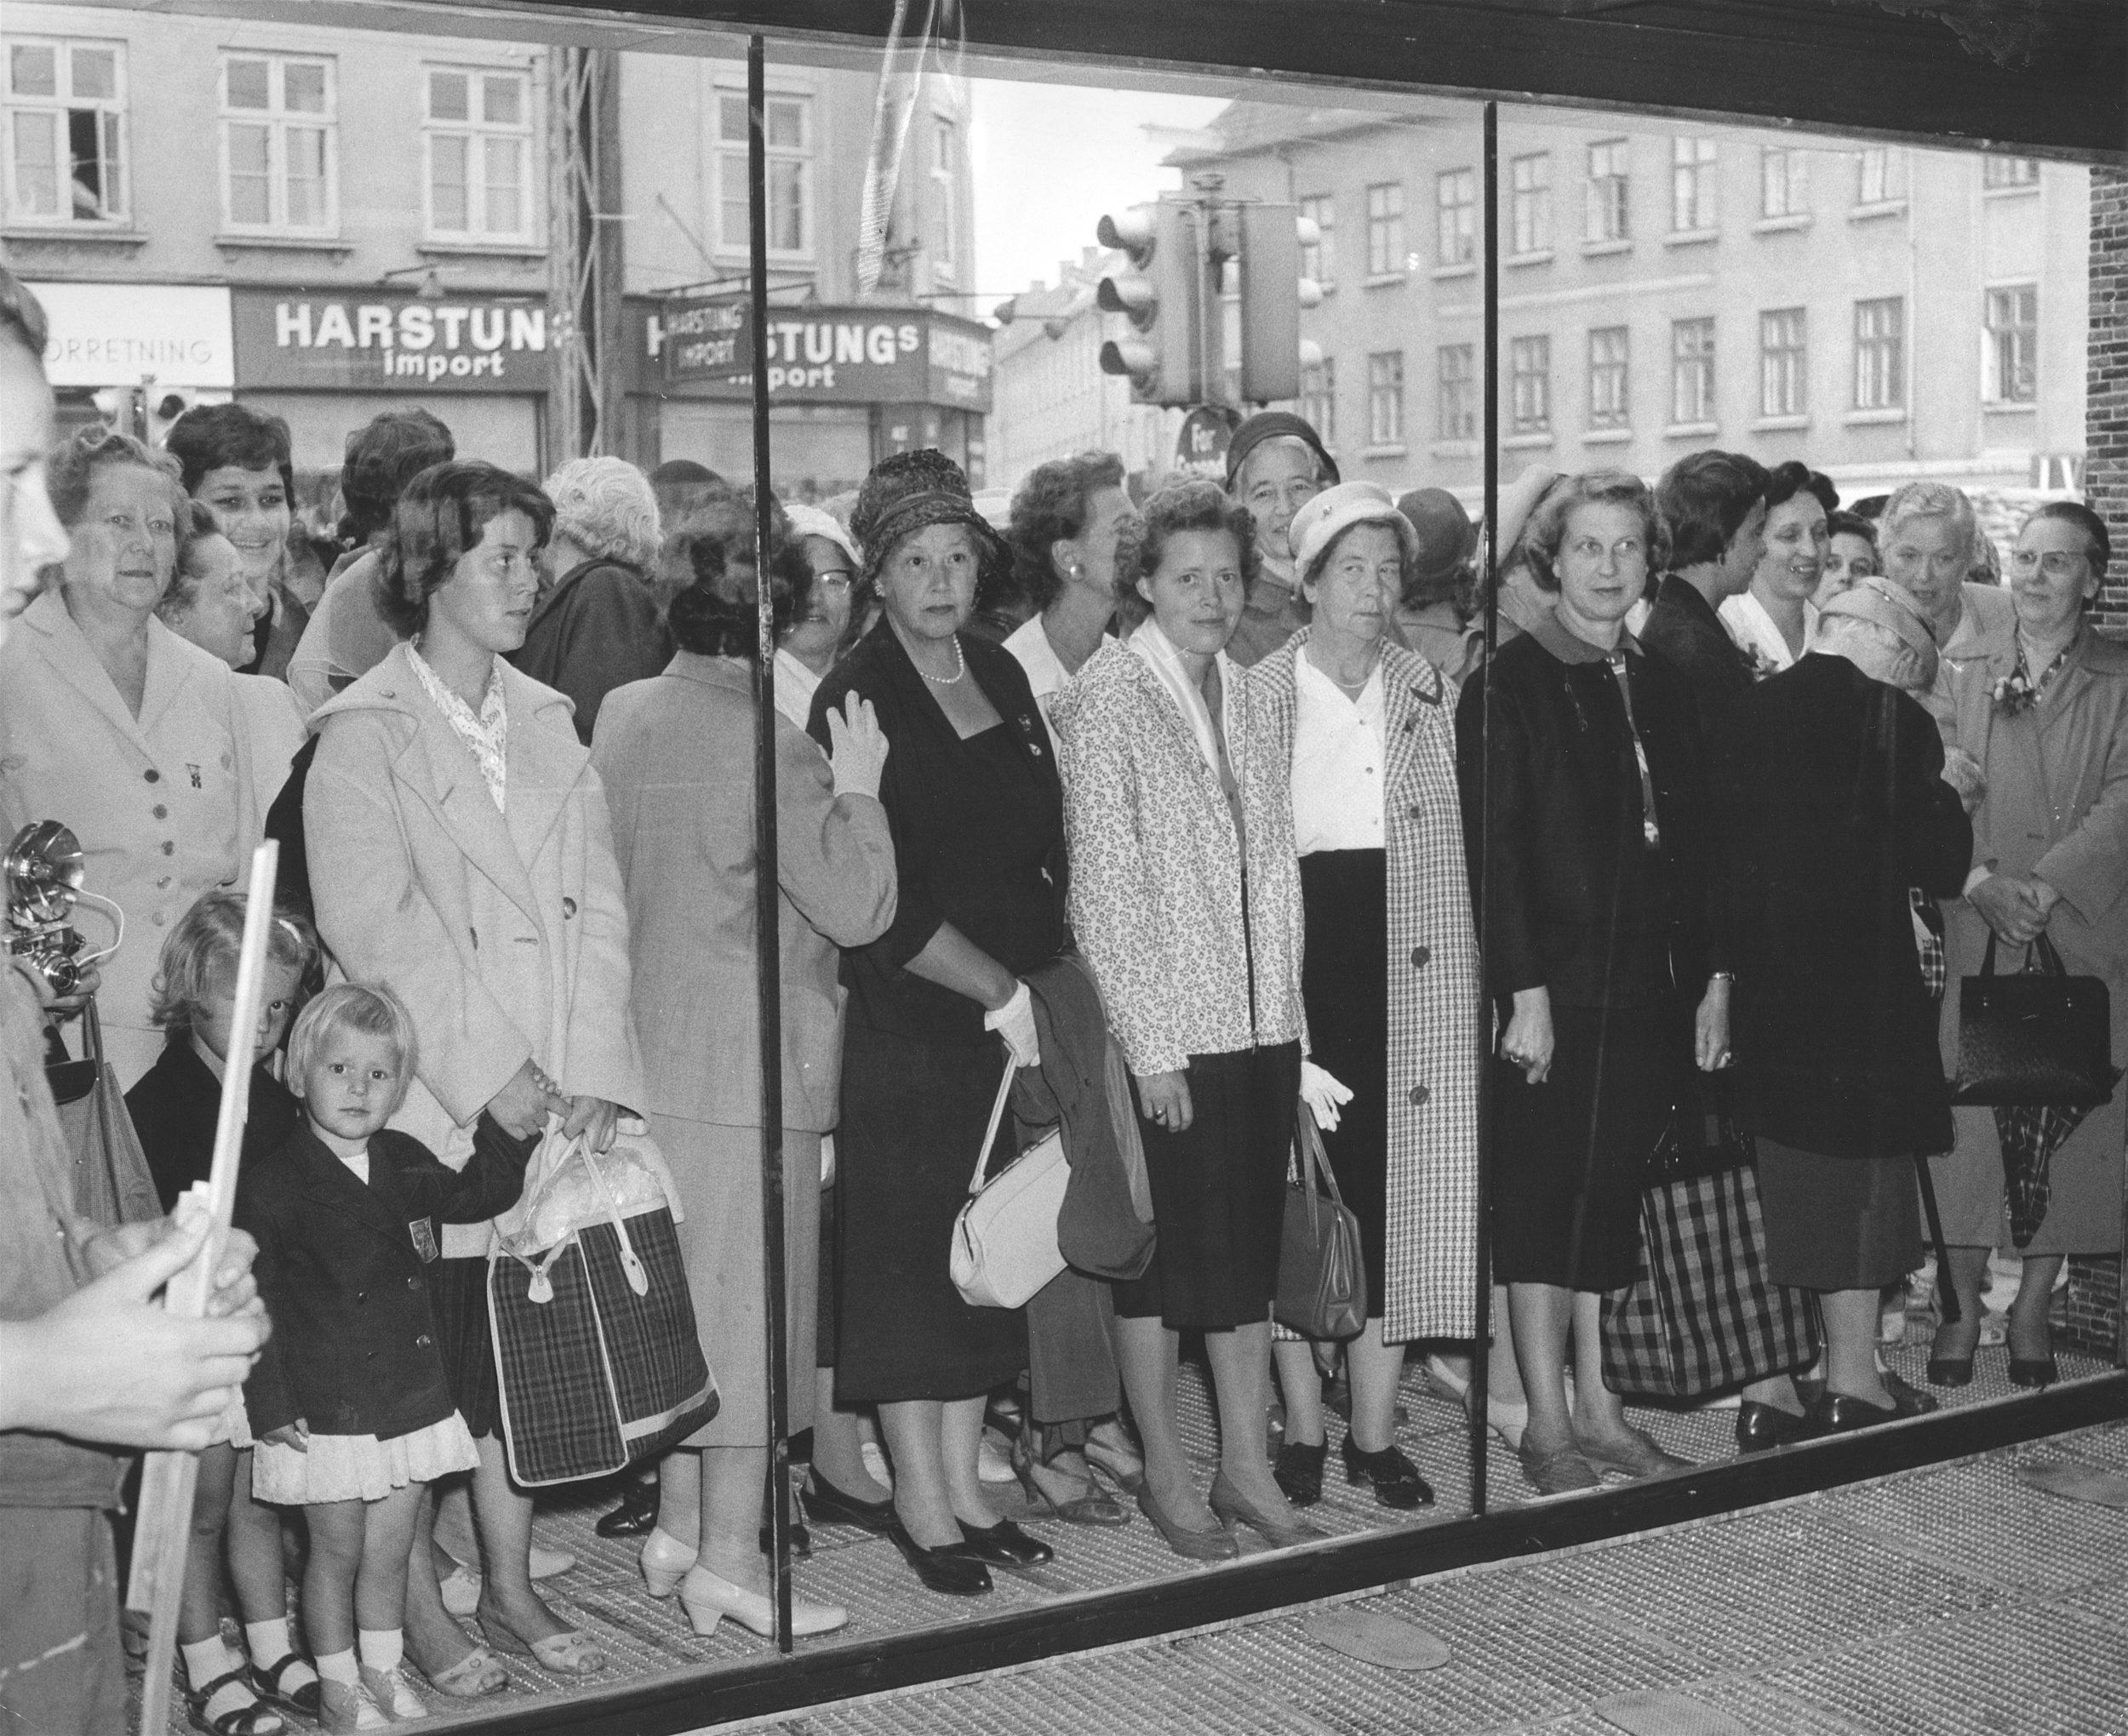 Magasin fejrer 60-års jubilæum i Lyngby